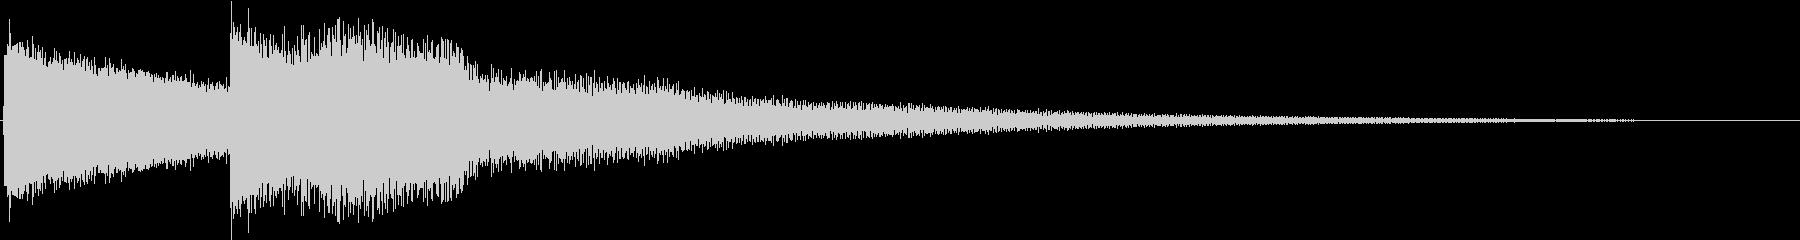 呼び鈴/呼び出し音/玄関チャイムSE1の未再生の波形